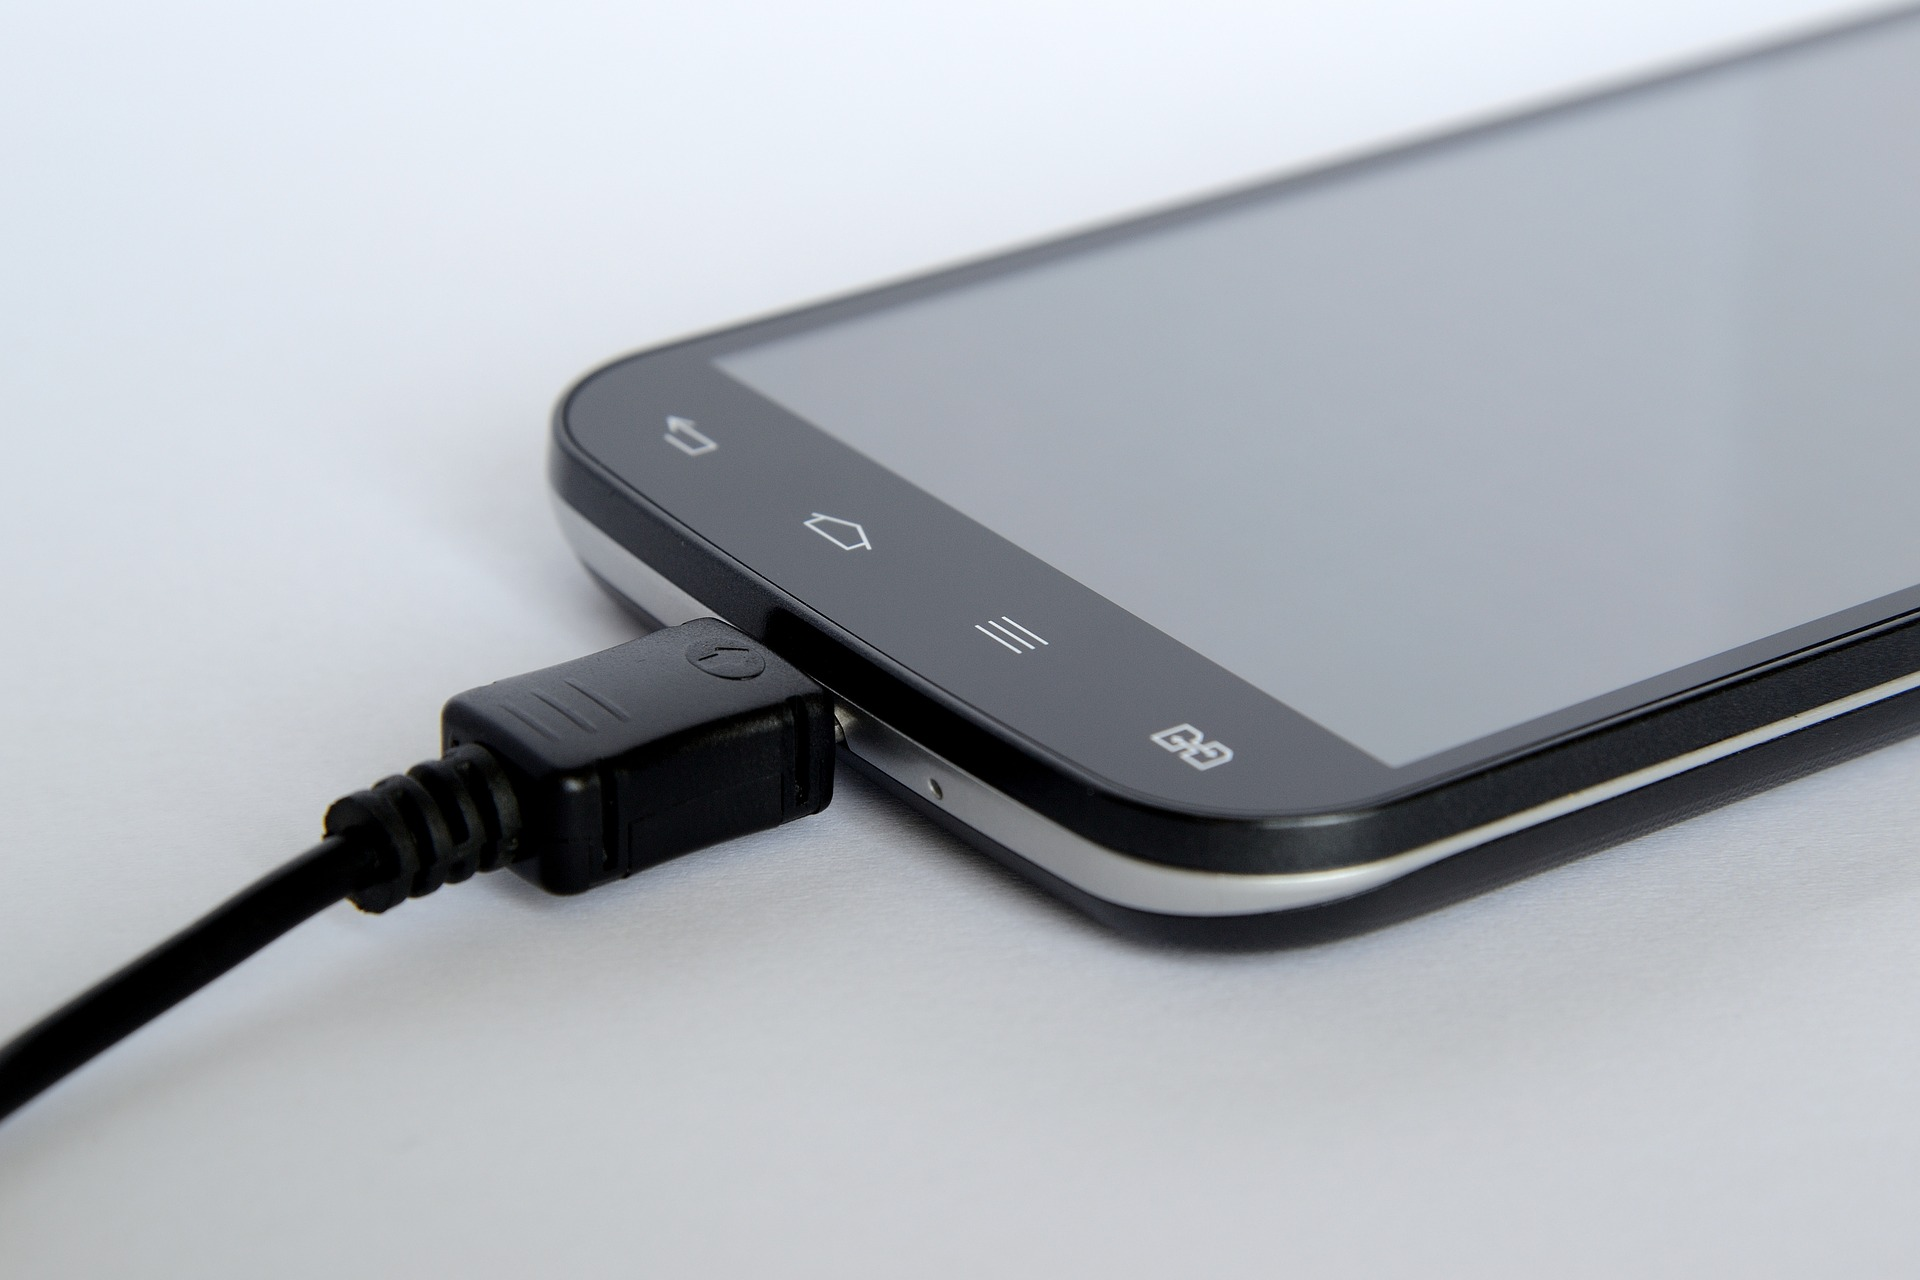 Claves para saber si la batería de tu móvil tiene algún fallo o problema